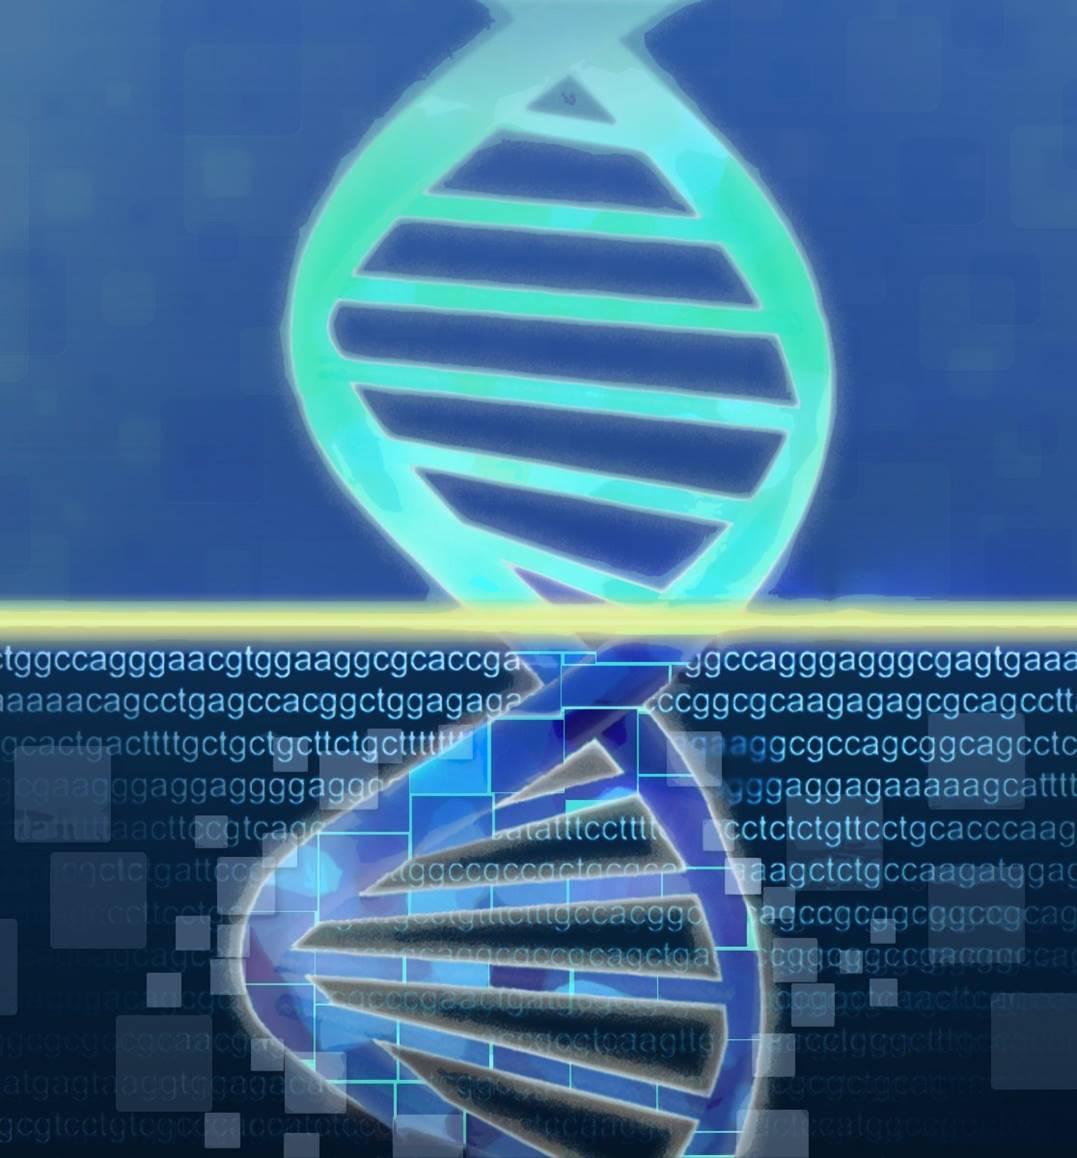 Cada proceso biológico que causa mutaciones deja una huella concreta sobre el material hereditario, que puede ser caracterizada. Imagen: Jonathan Bailey (National Human Genome Research Institute, http://www.genome.gov).